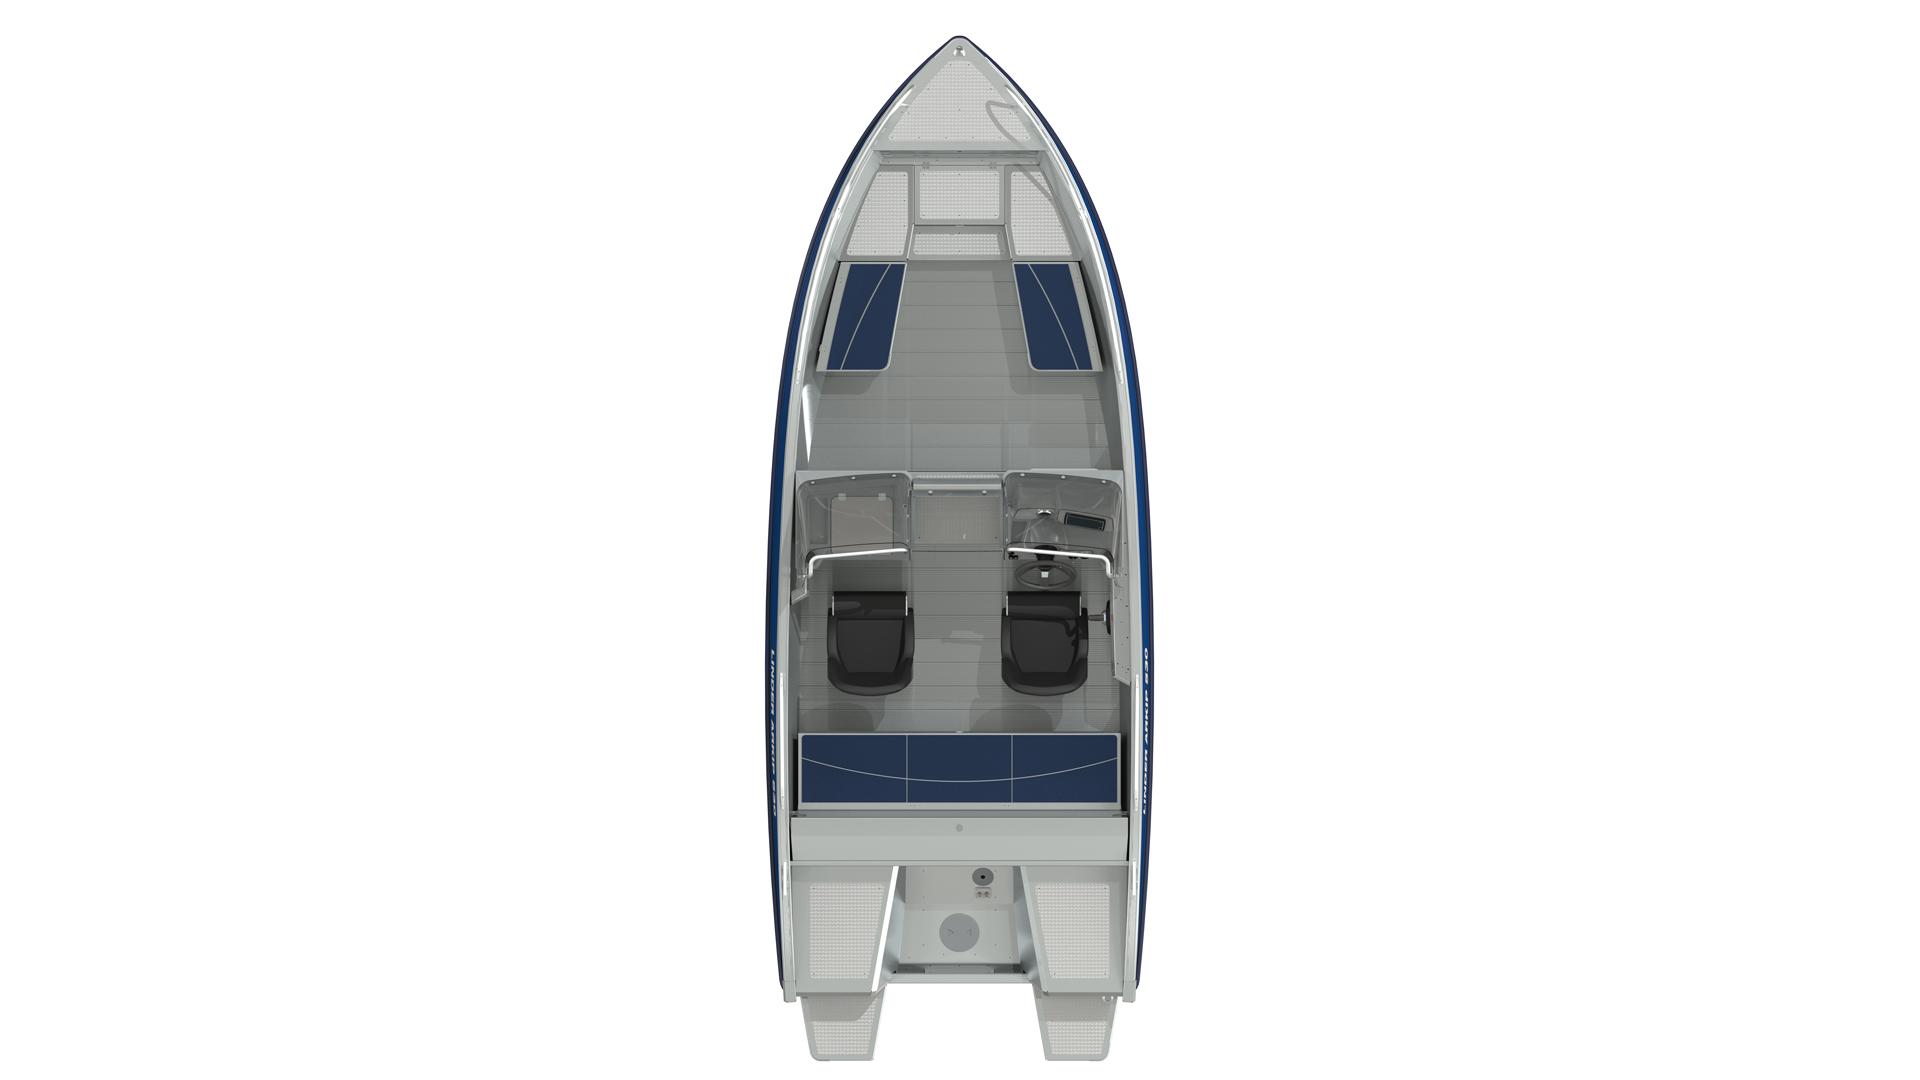 linder-arkip-530-br-återförsäljare